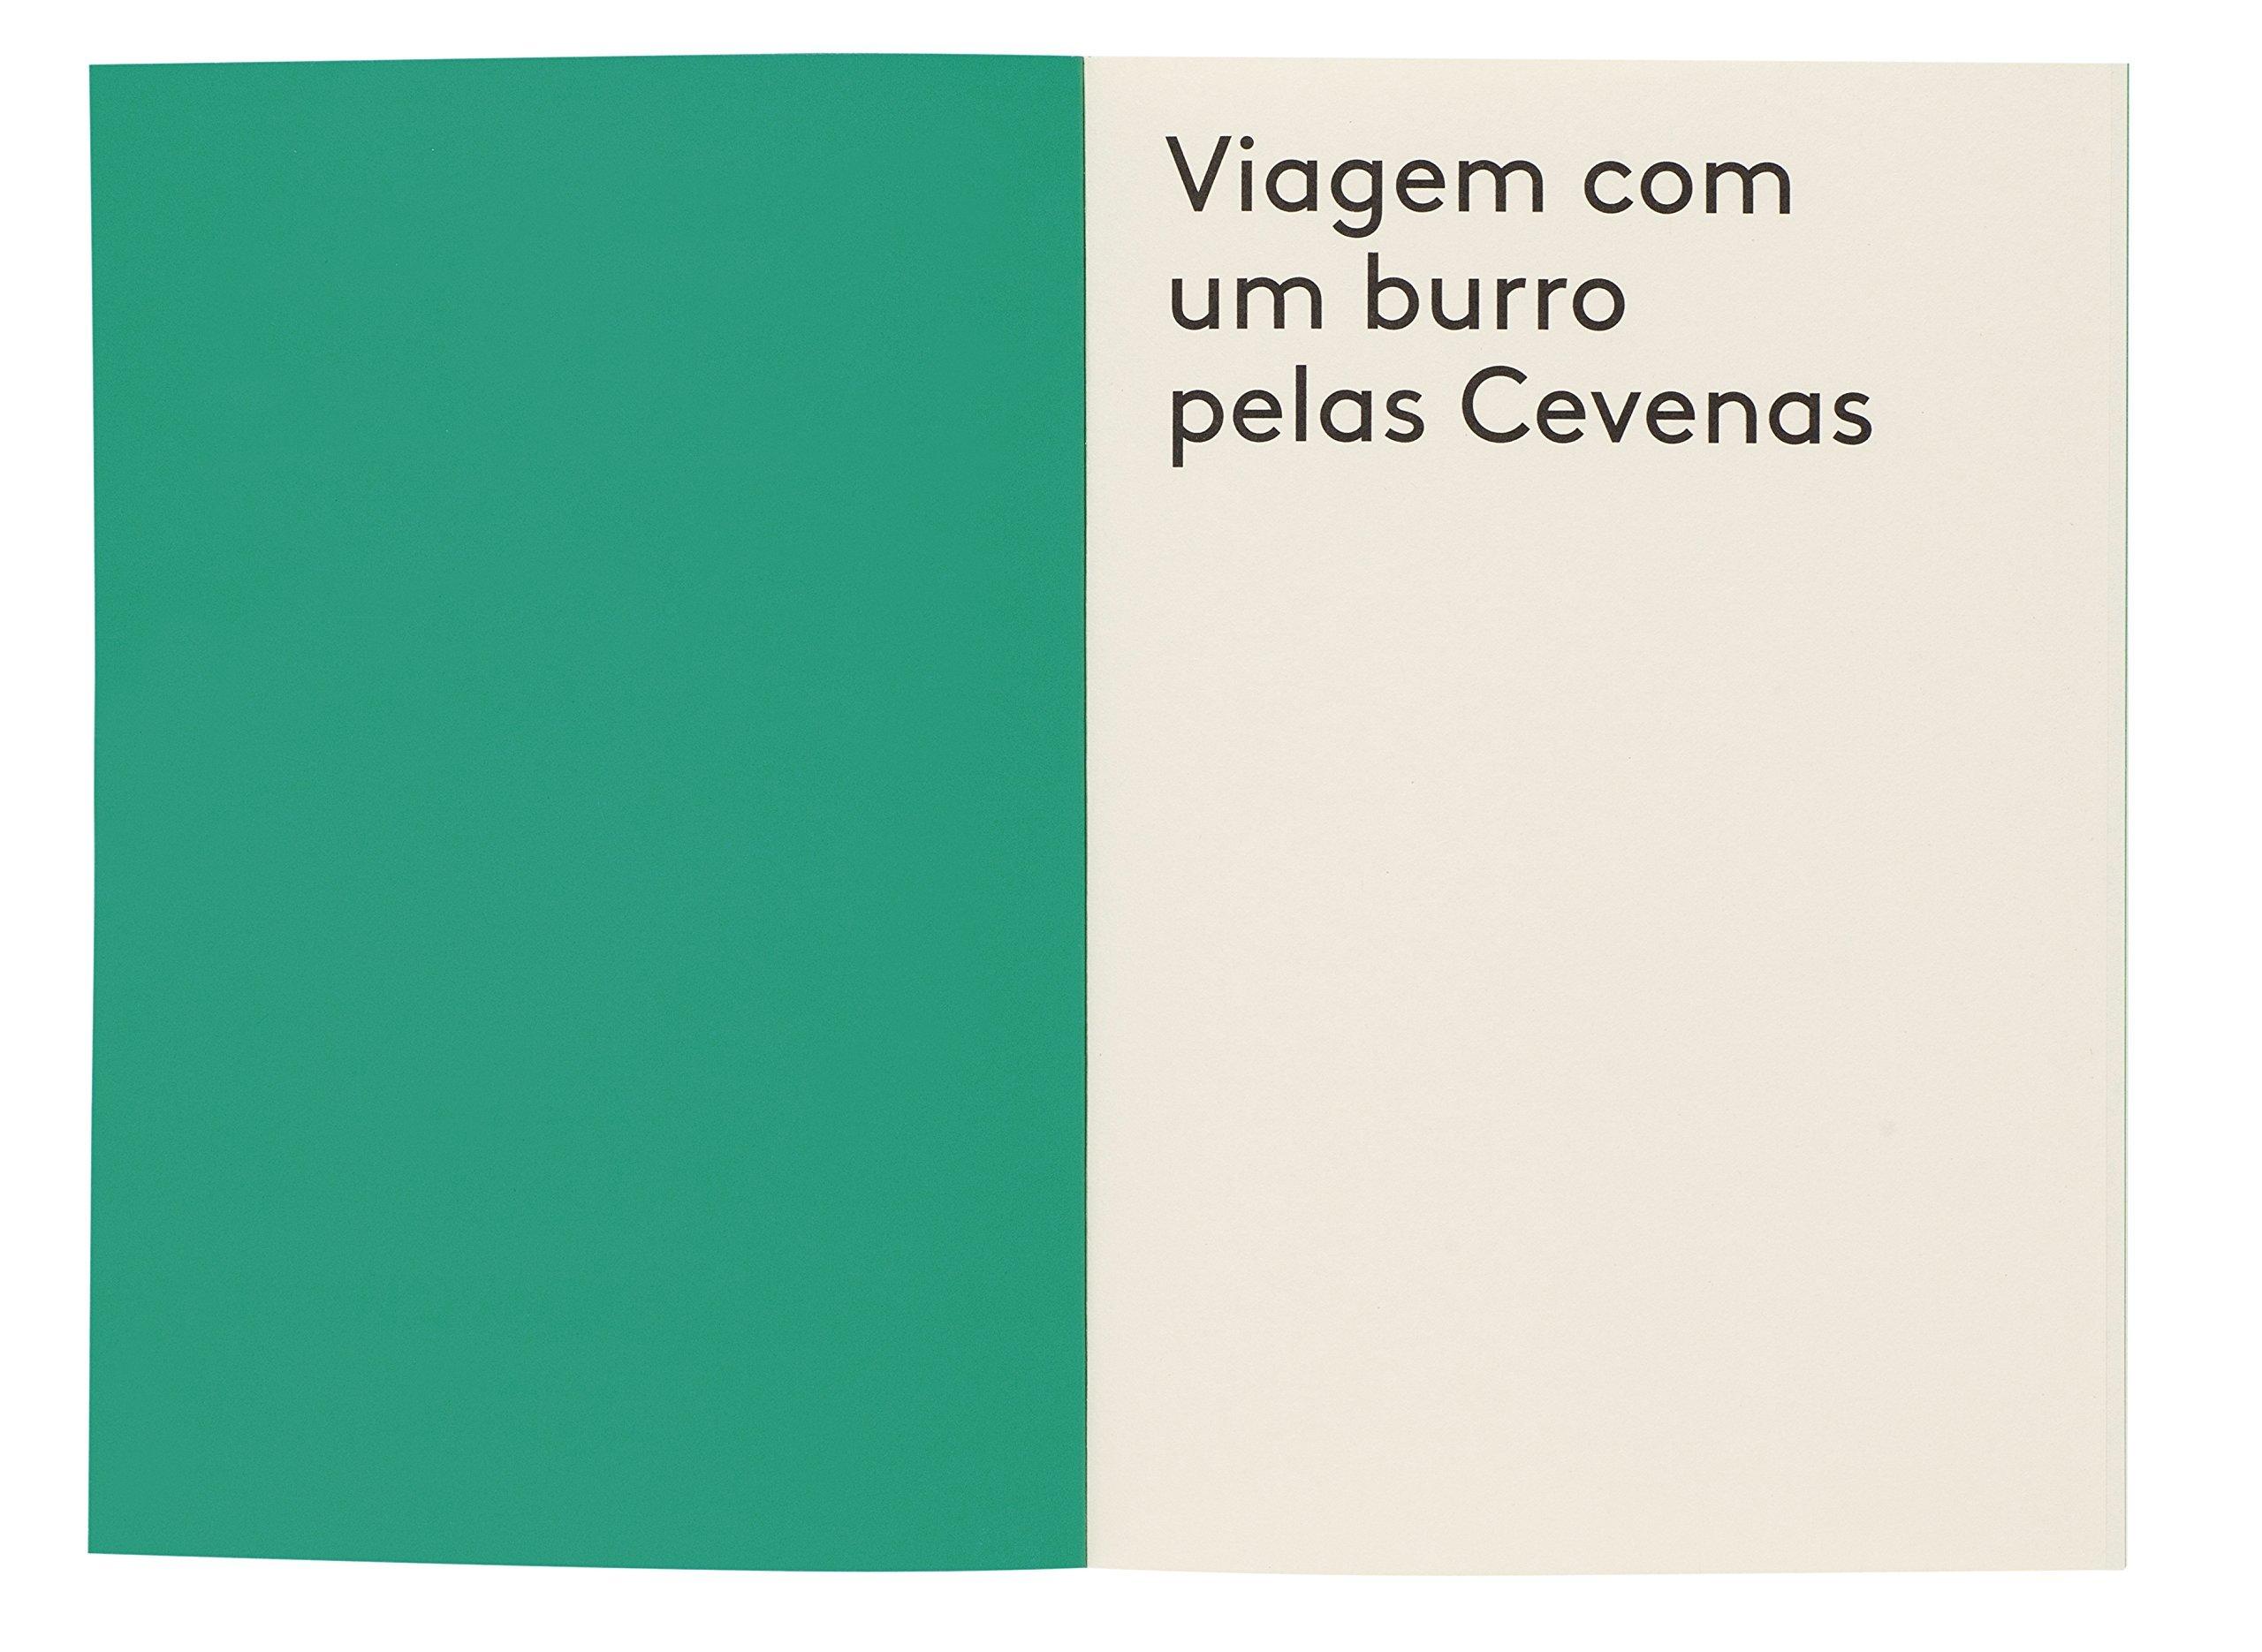 Viagem Com Um Burro Pelas Cevenas (Em Portugues do Brasil): Robert Louis Stevenson: 9788569002147: Amazon.com: Books